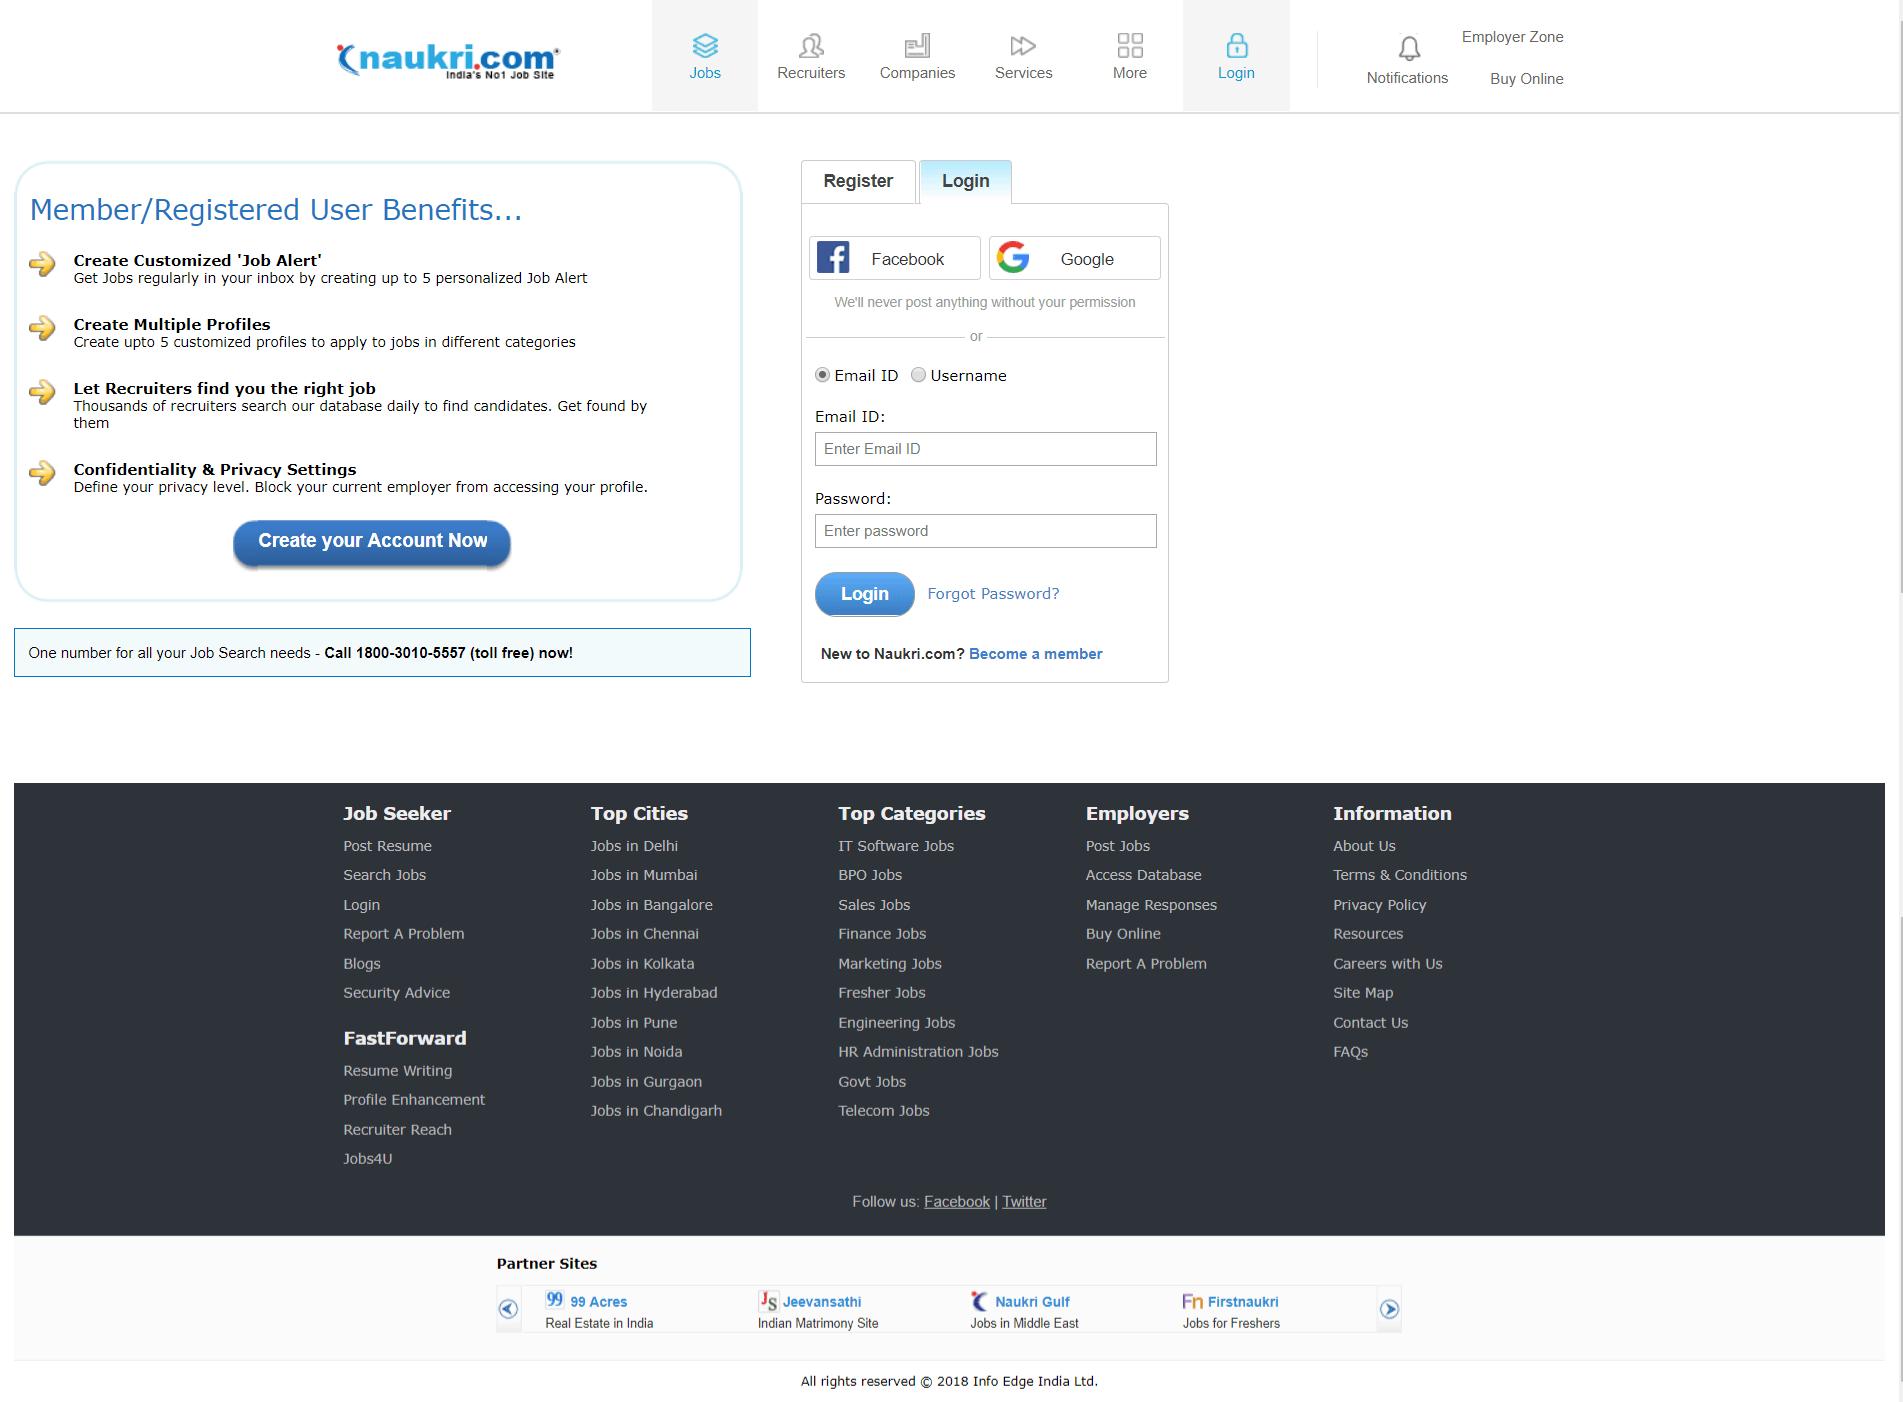 Naukri.com Login Page